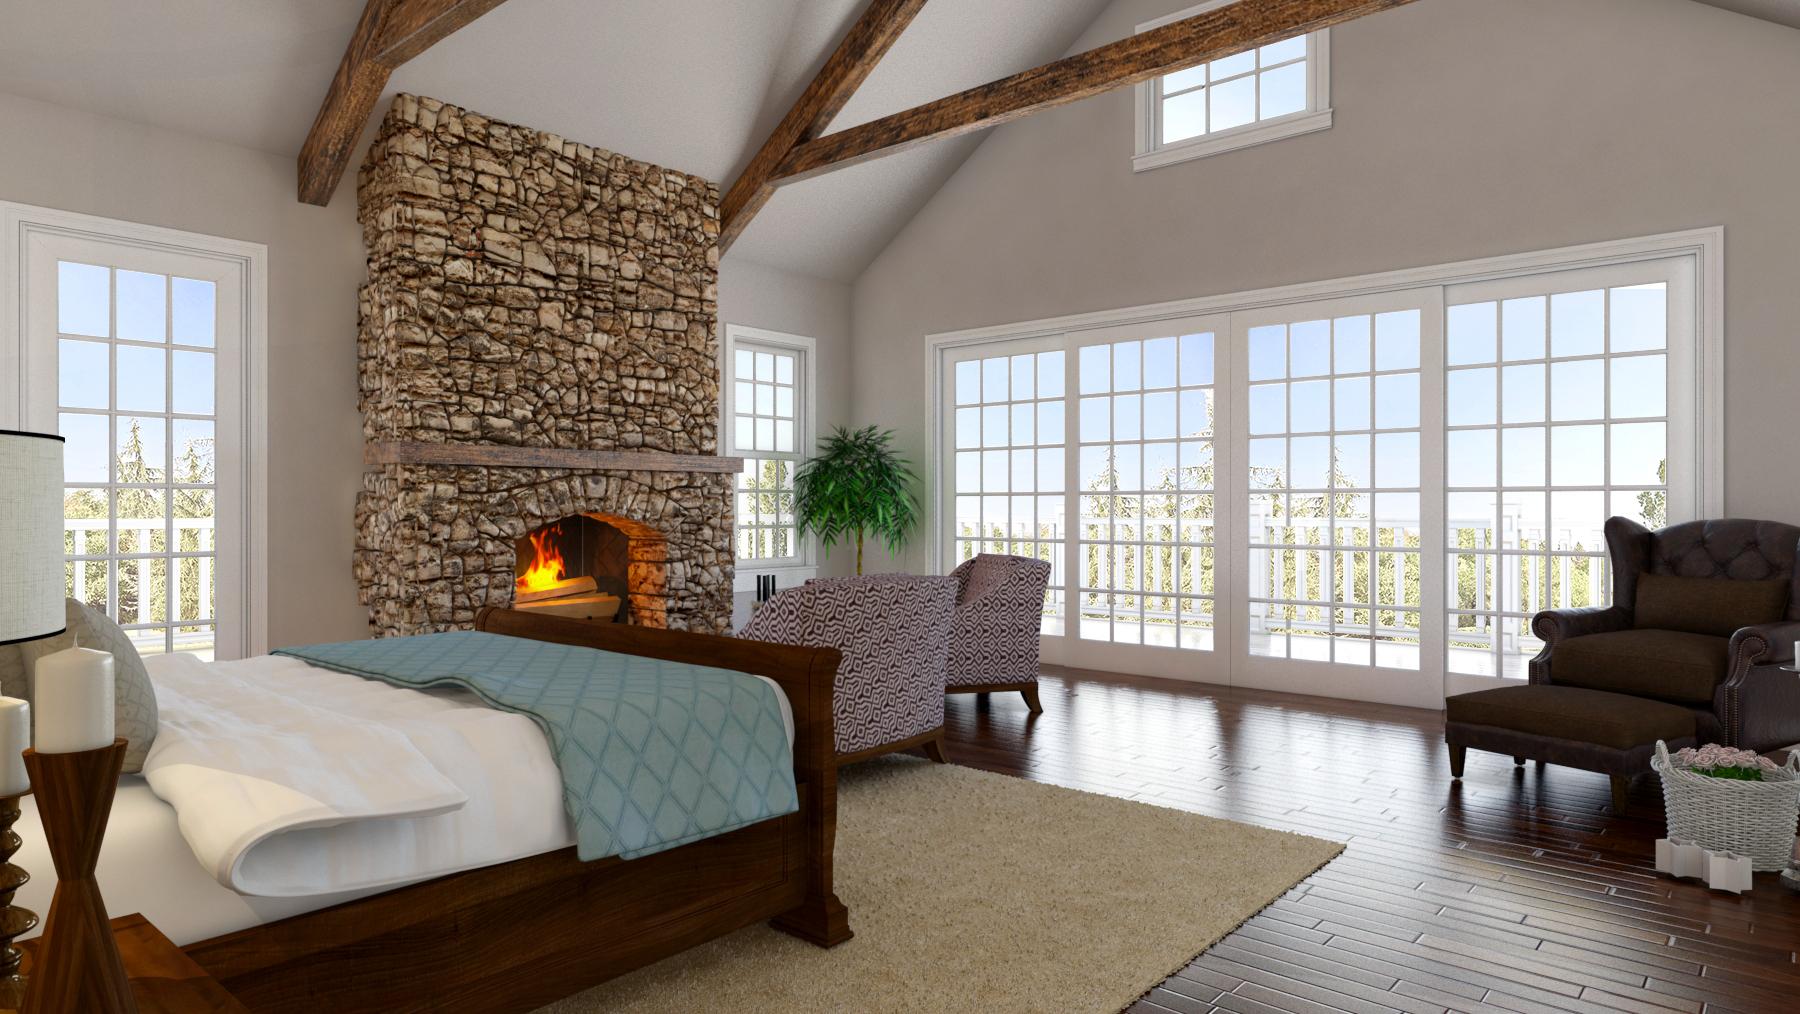 Bedroom (3D Rendering)